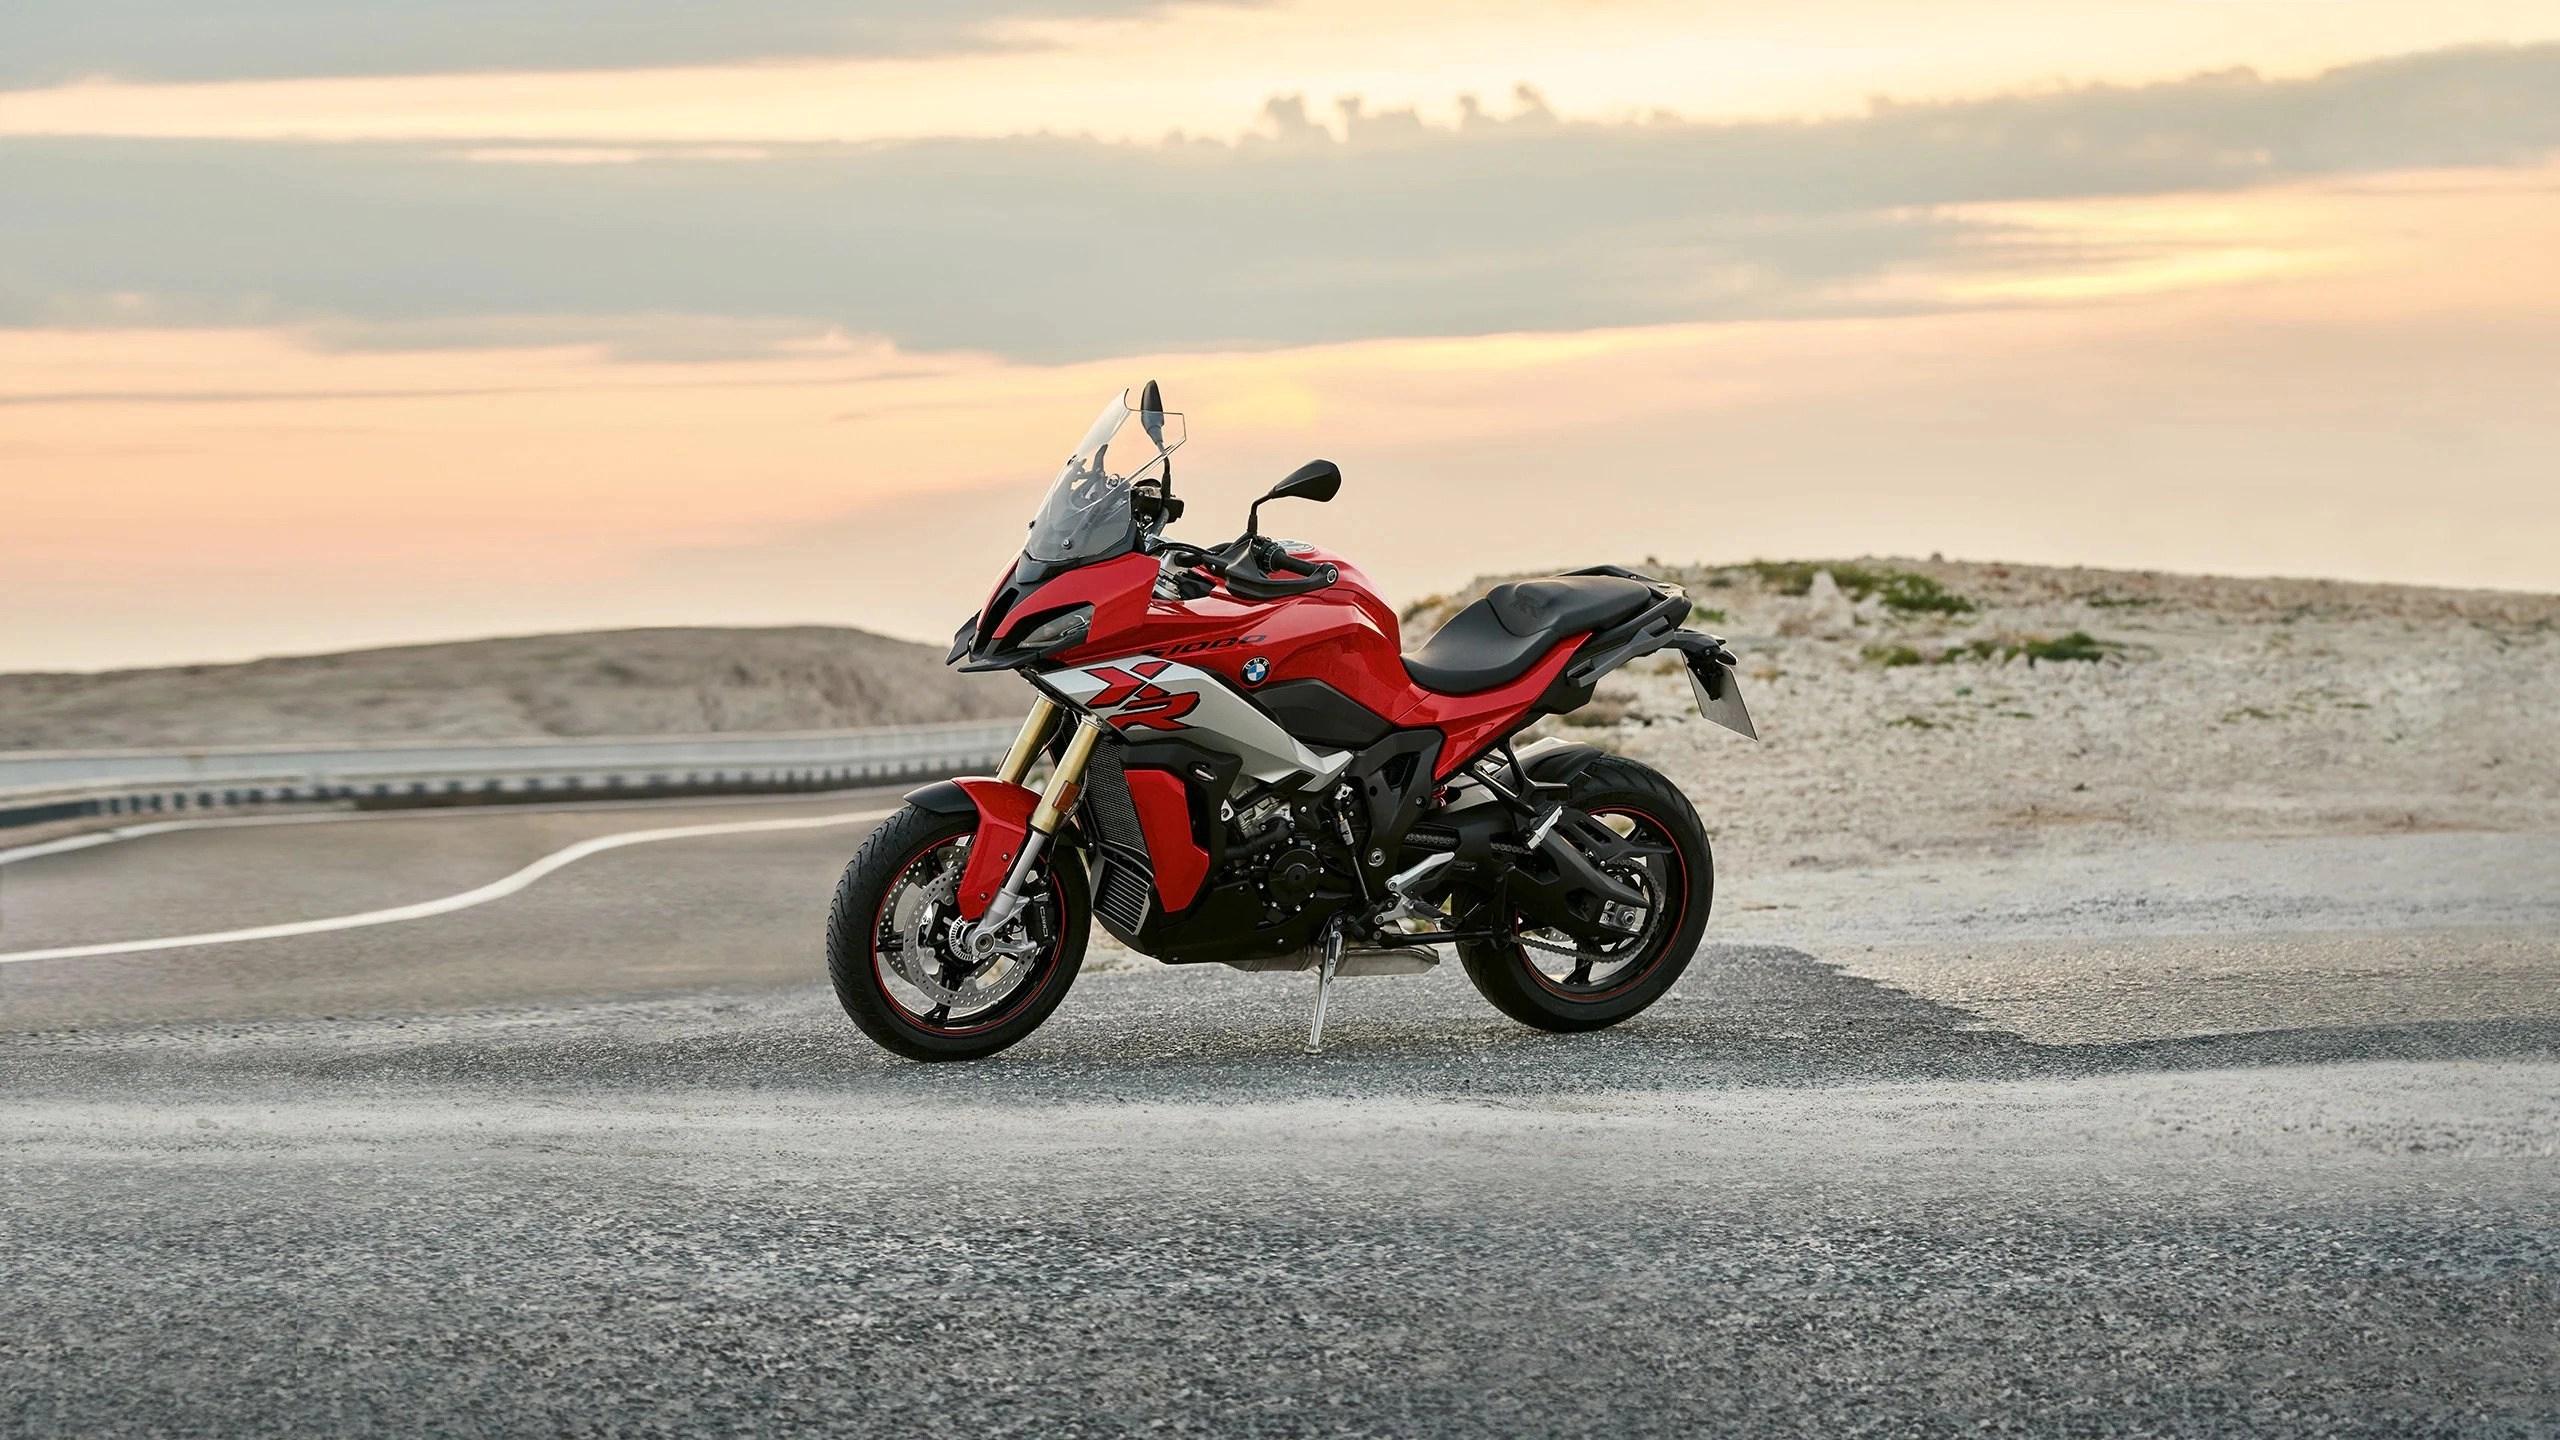 touring motorbikes - title - image via bmw